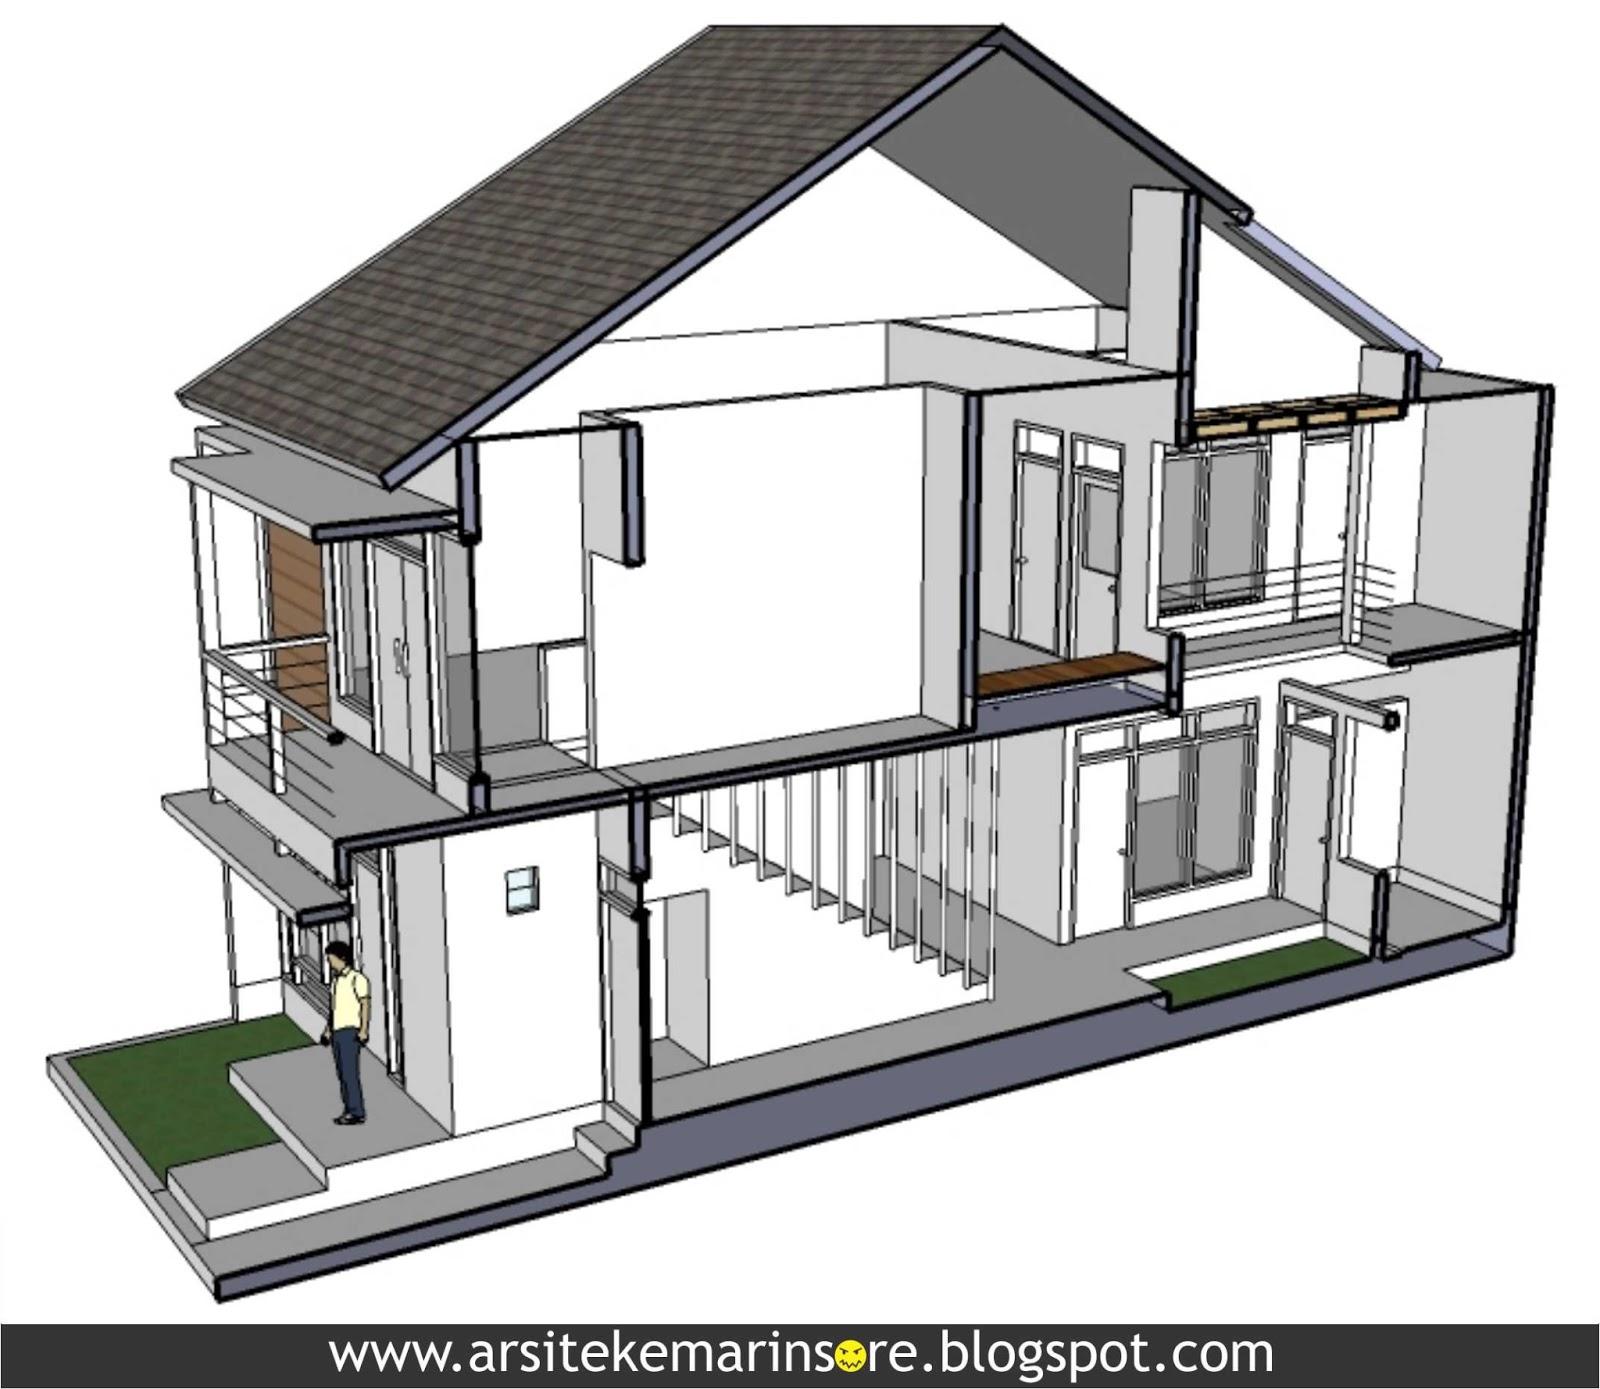 arsitekemarinsore rumah lebar 7 5 meter